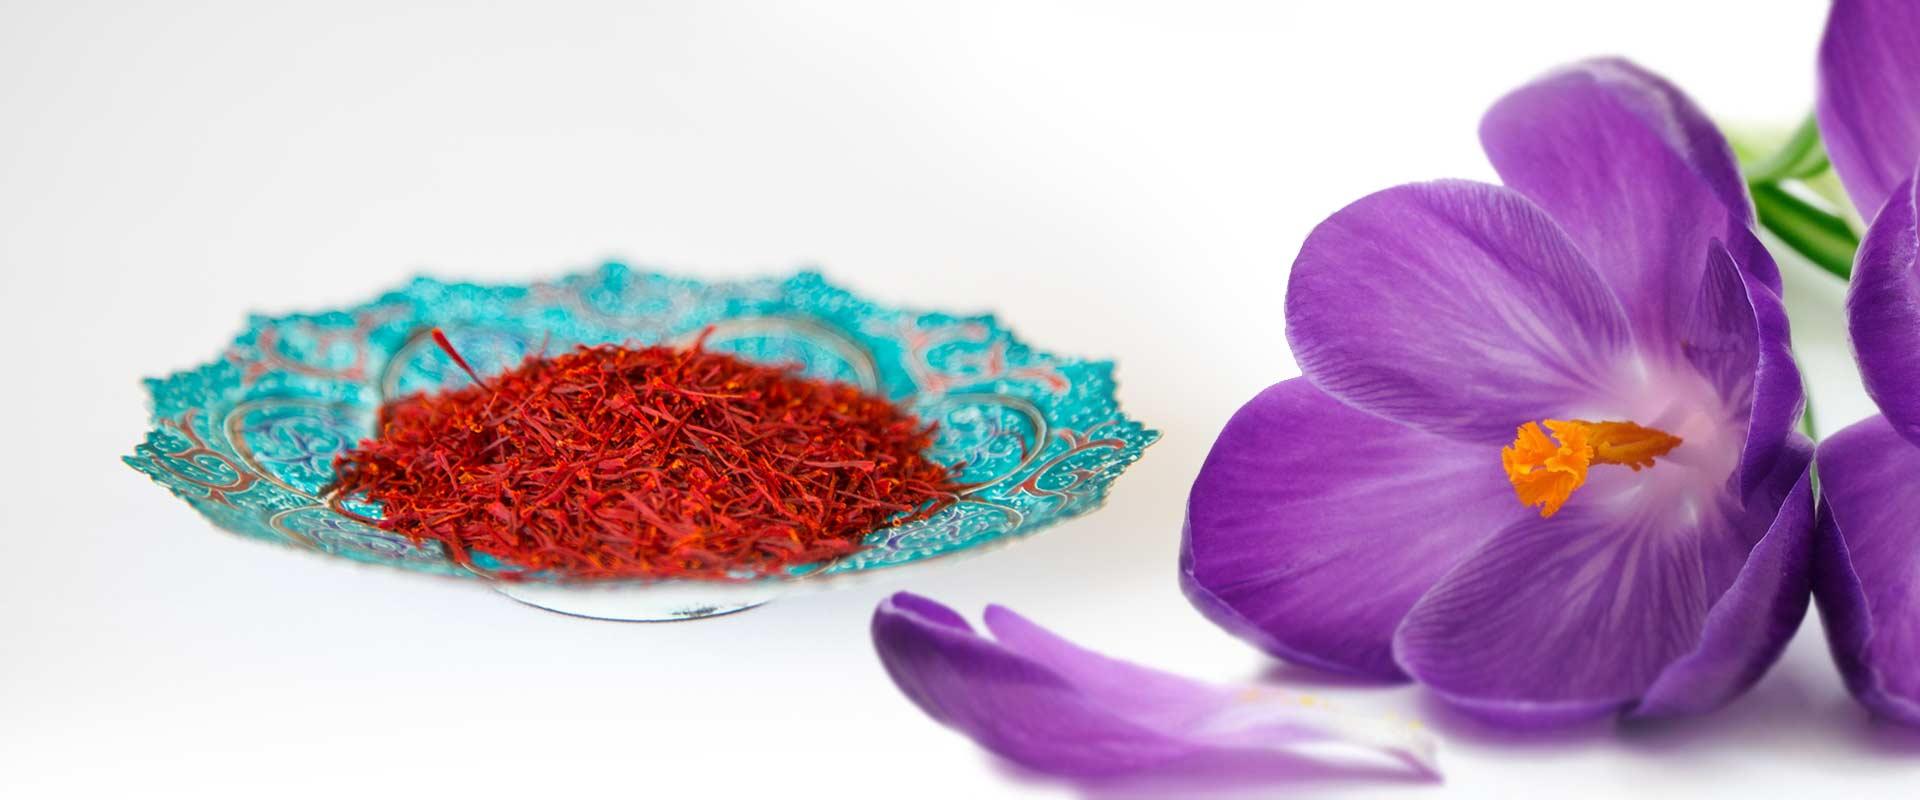 زعفران در بسته بندی هرباکس